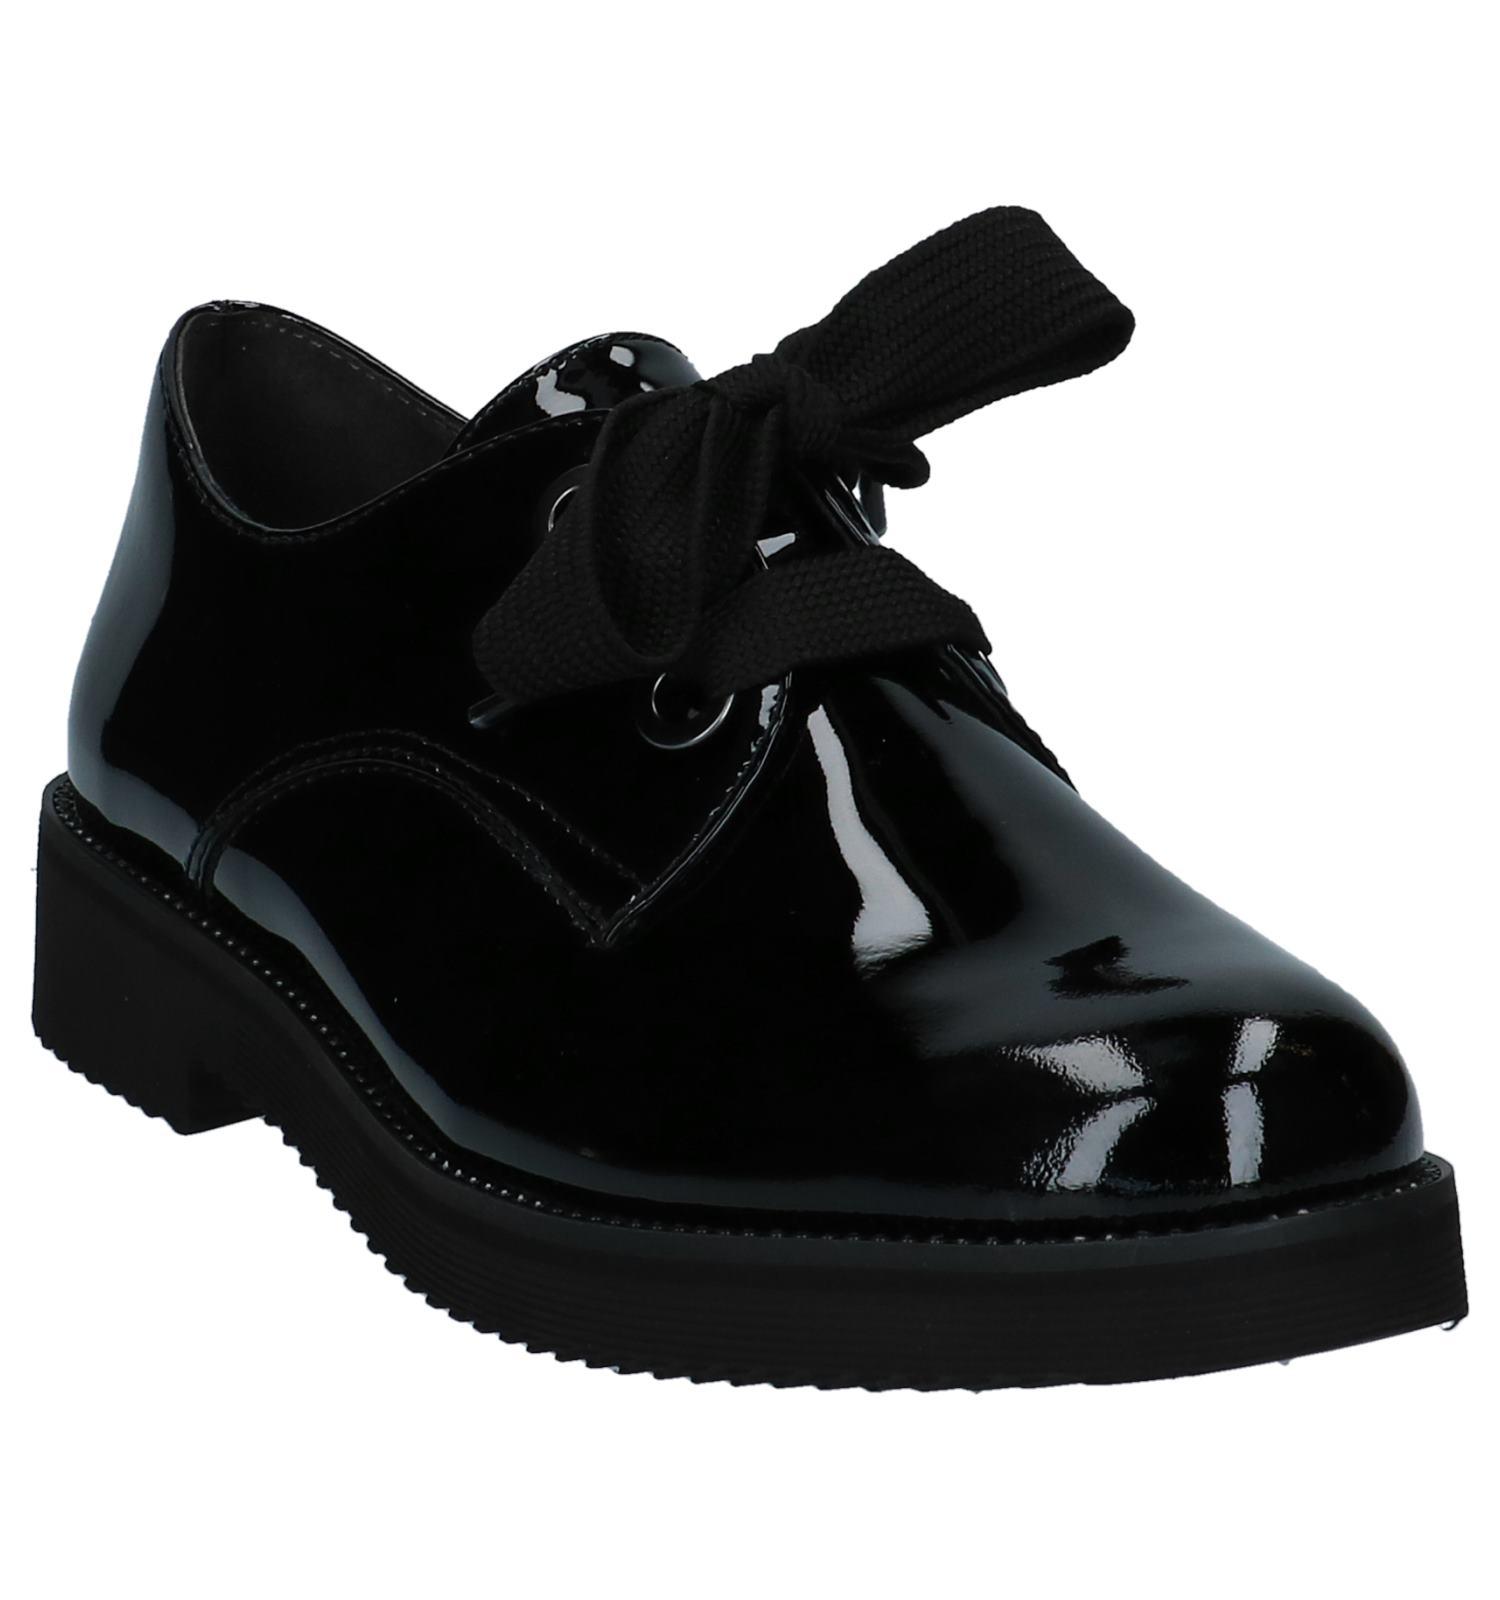 Gabor Veterschoenen Zwarte Comfort Zwarte Comfort Oxford Gabor Comfort Veterschoenen Gabor Oxford Zwarte FlTKJc31